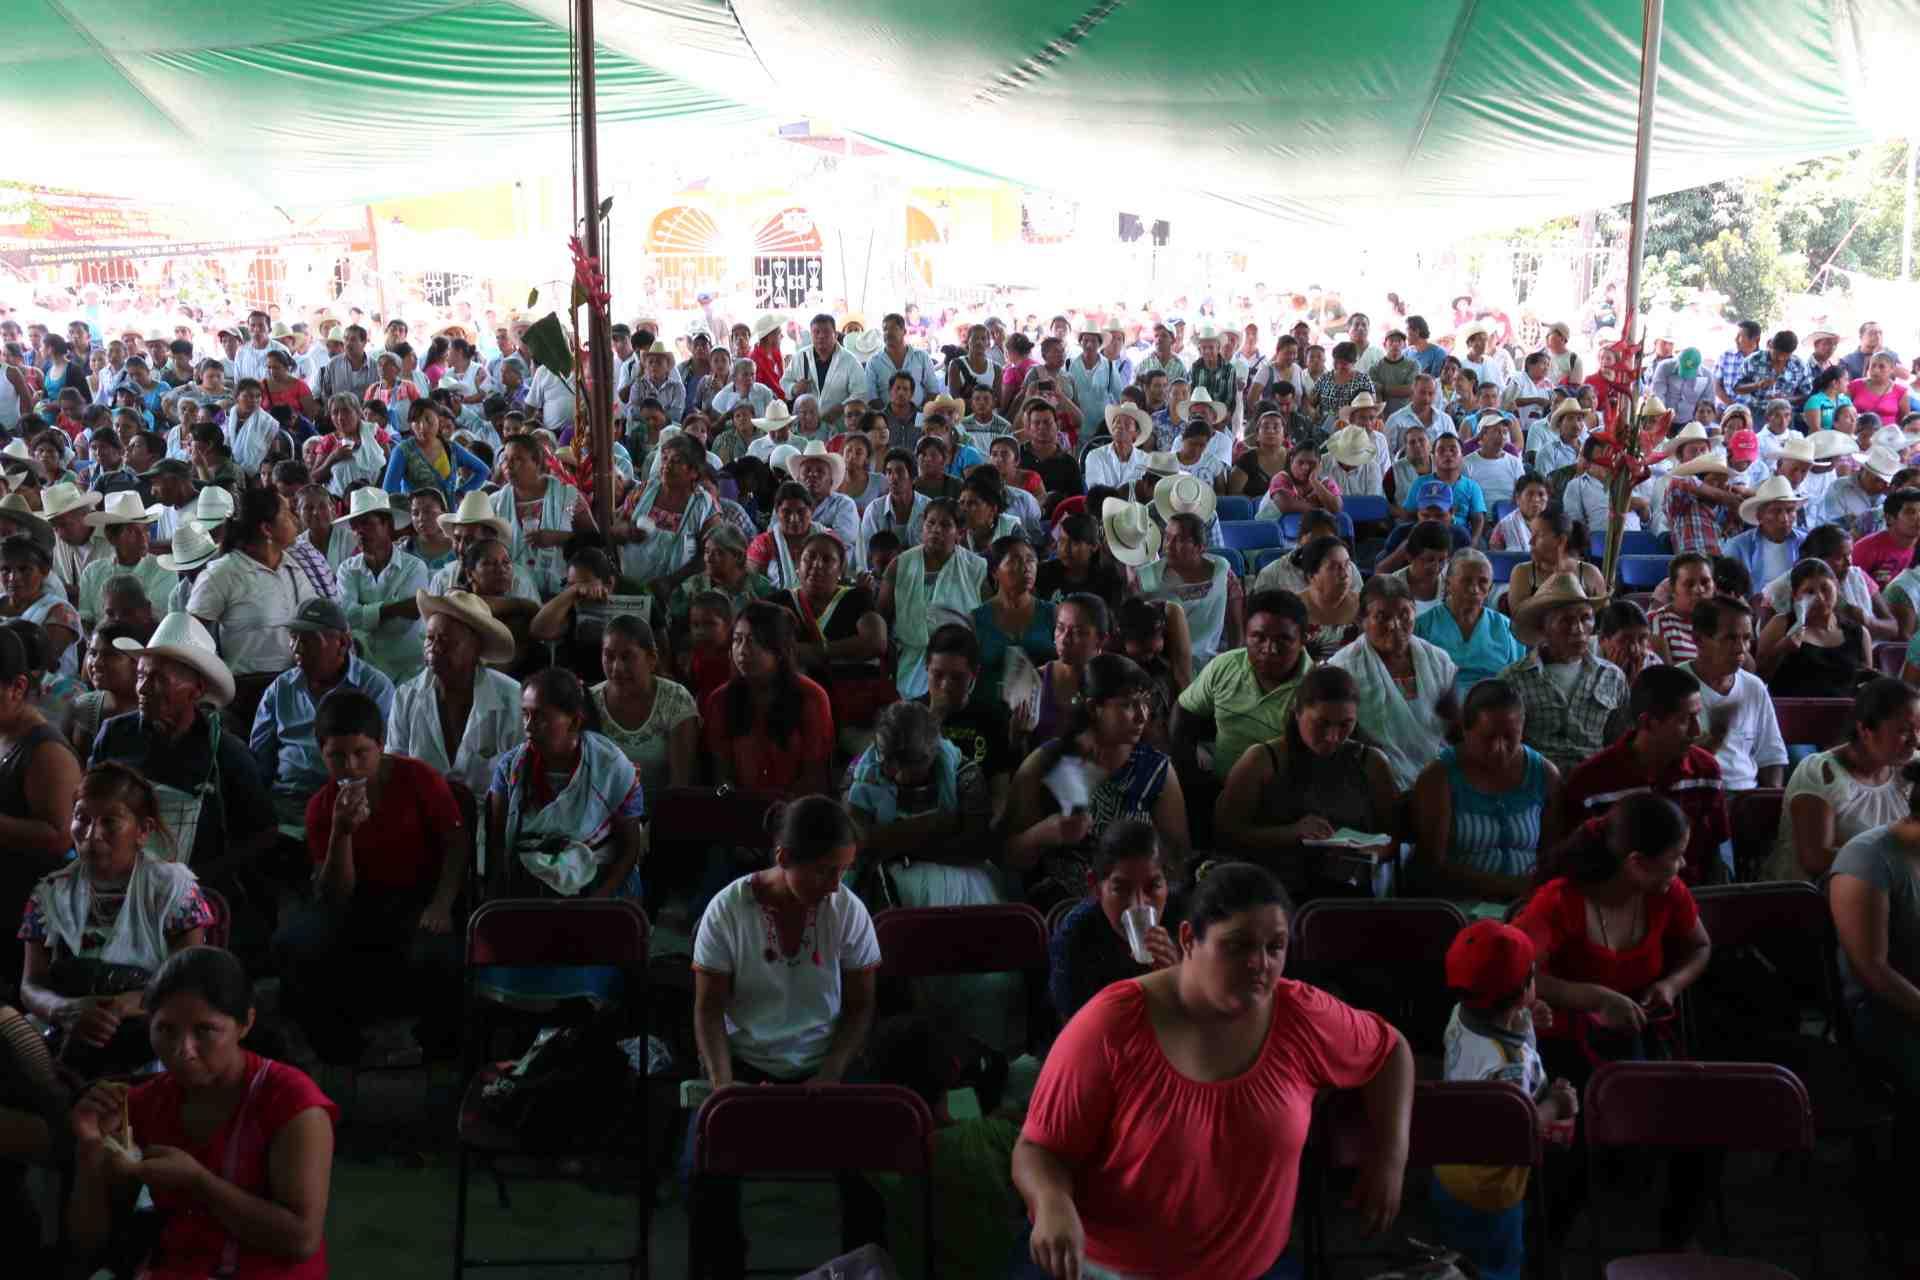 Defensores de río Ajajalpan en la Sierra de Puebla son perseguidos y amenazados